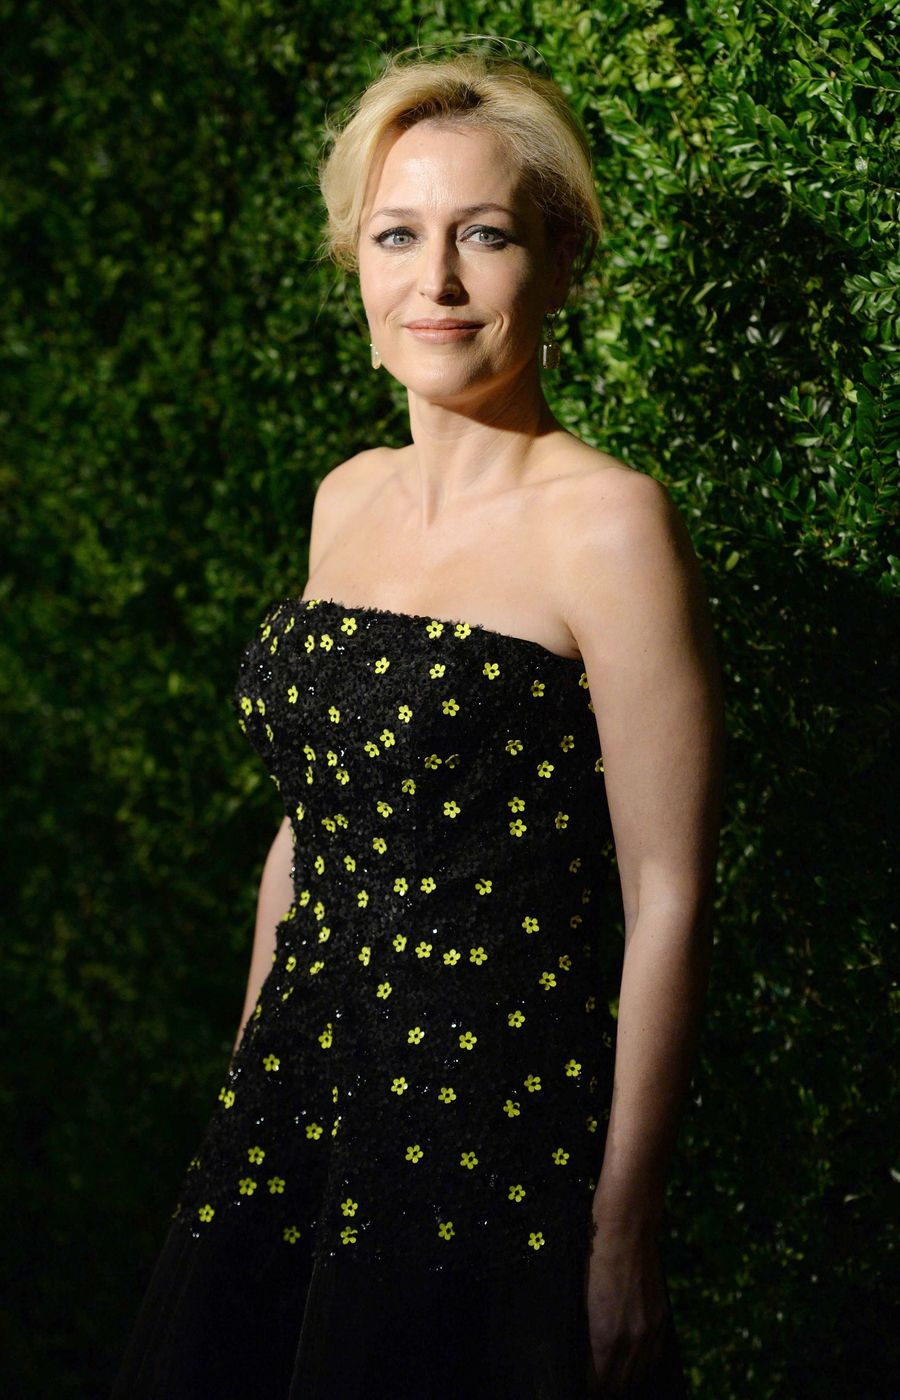 Джиллиан Андерсон блеснула красотой на вручении театральной премии в Лондоне